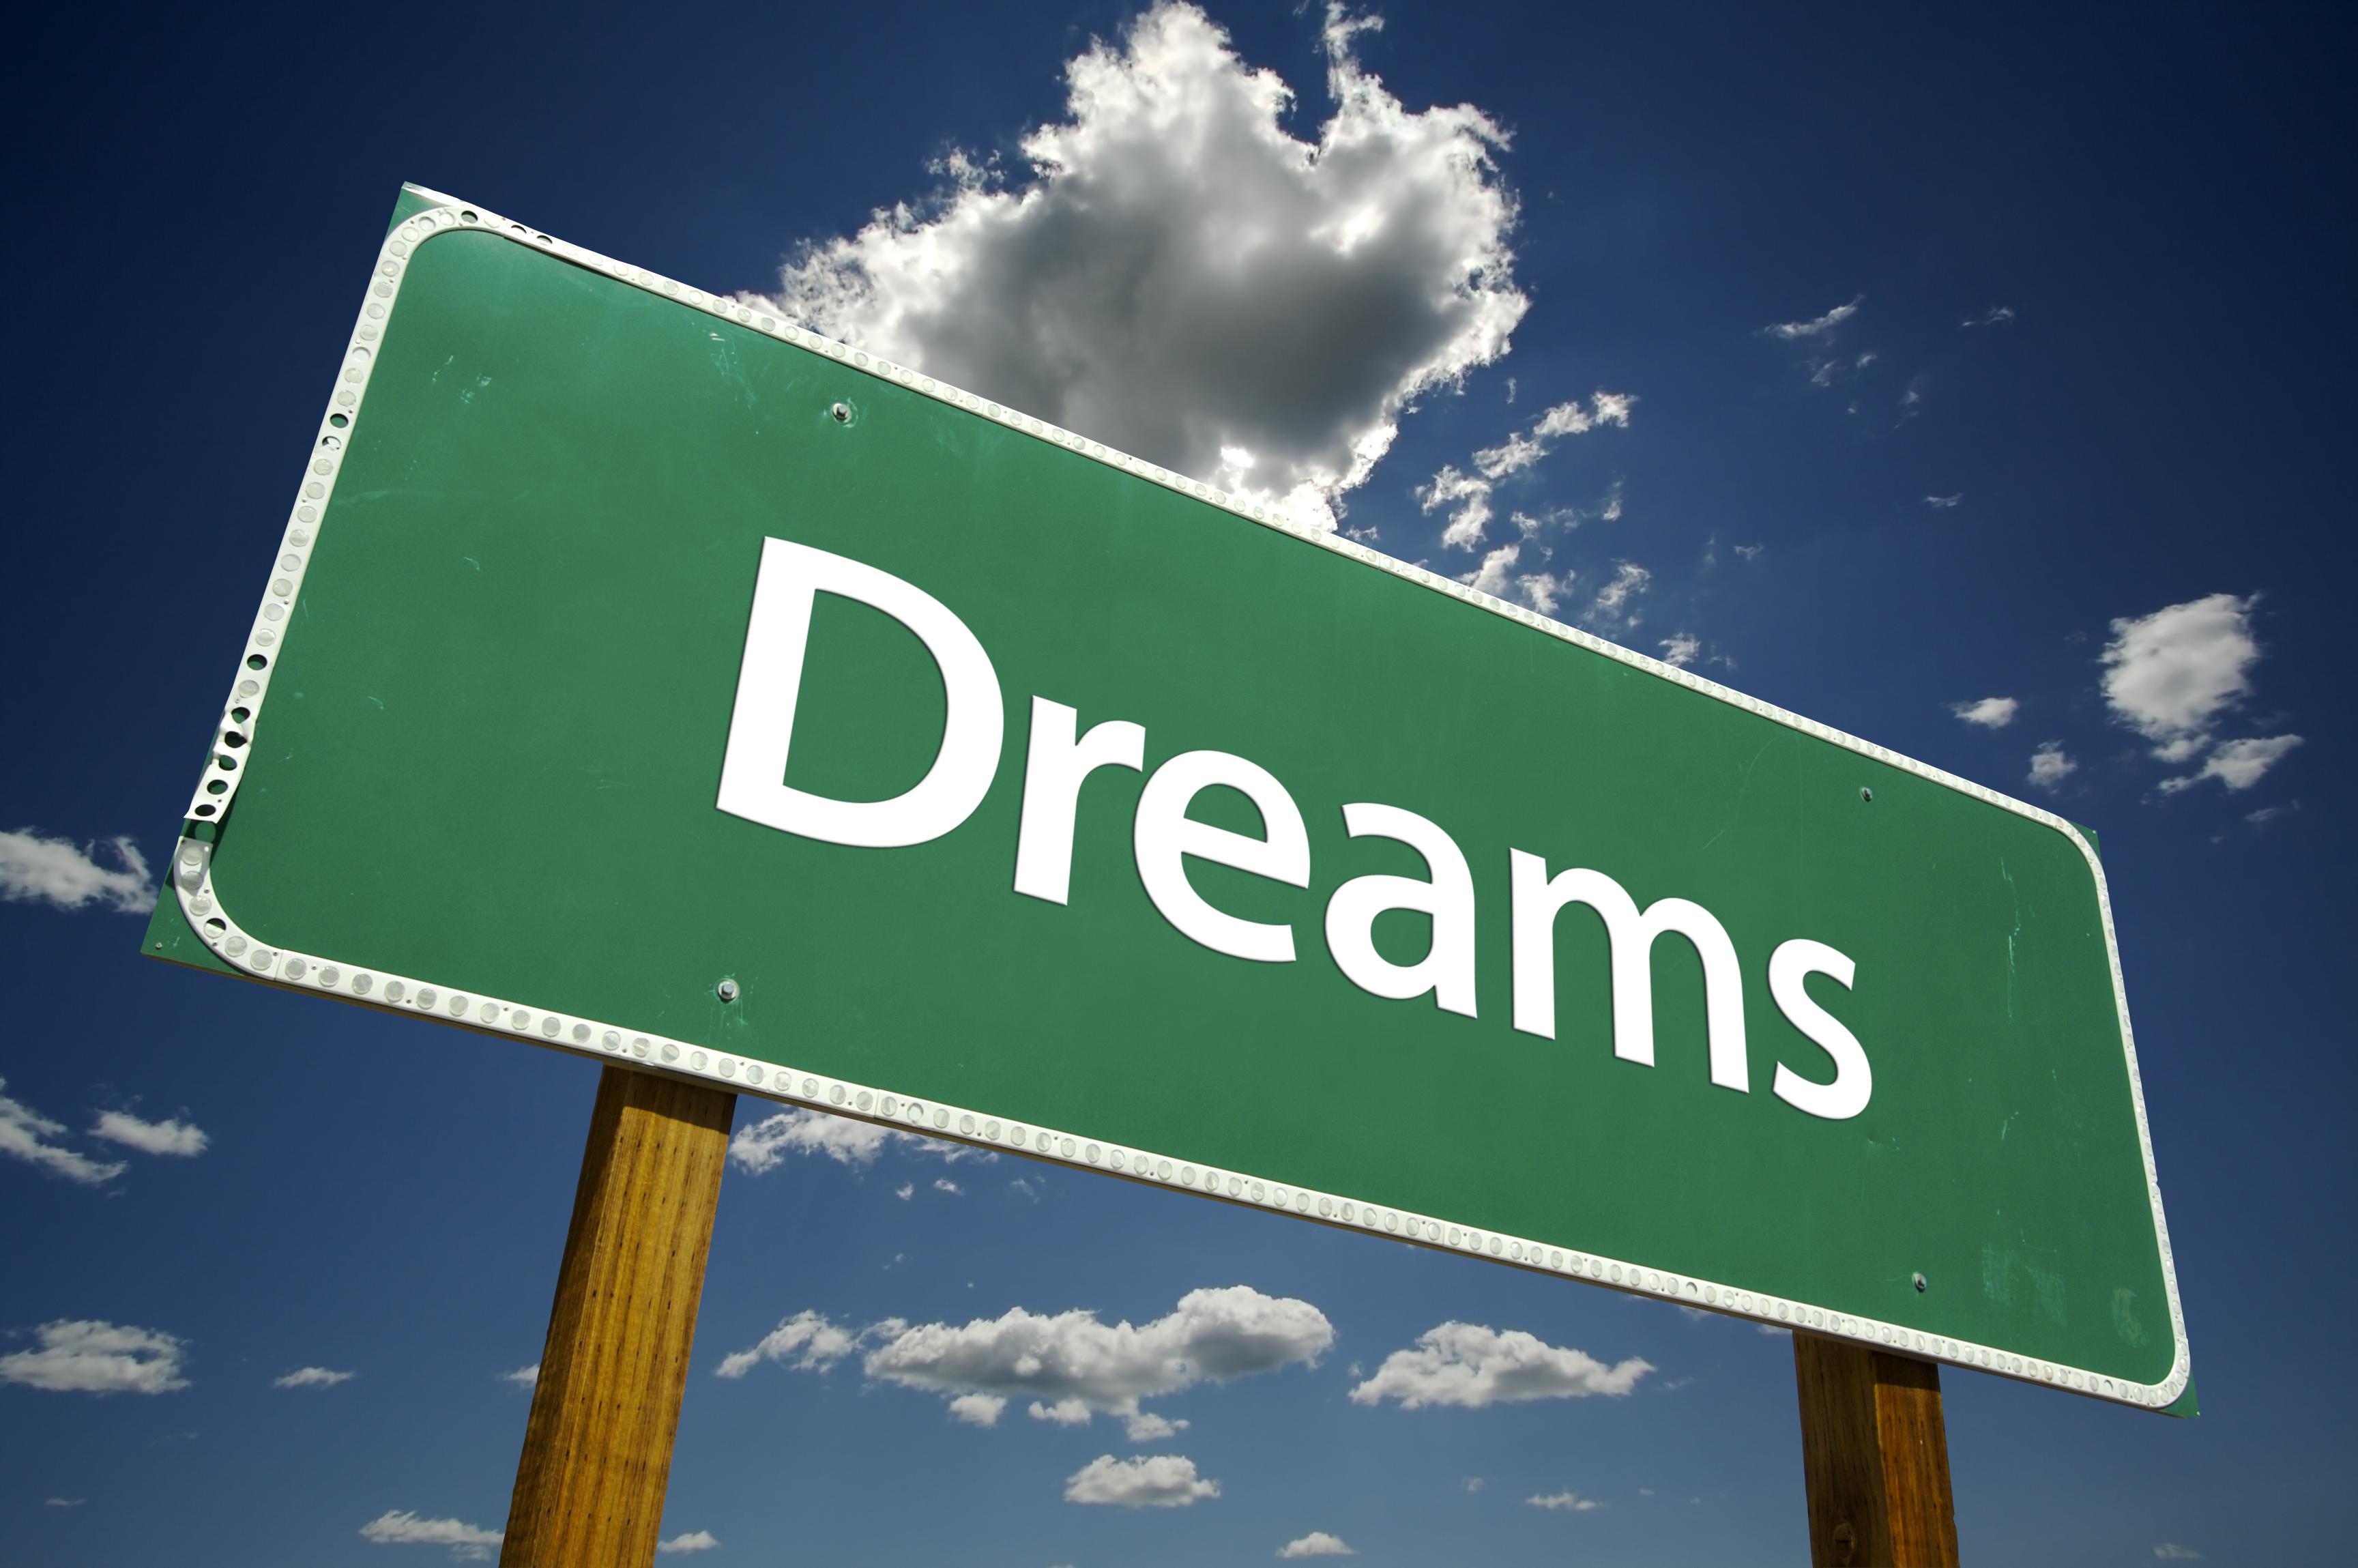 Dream images